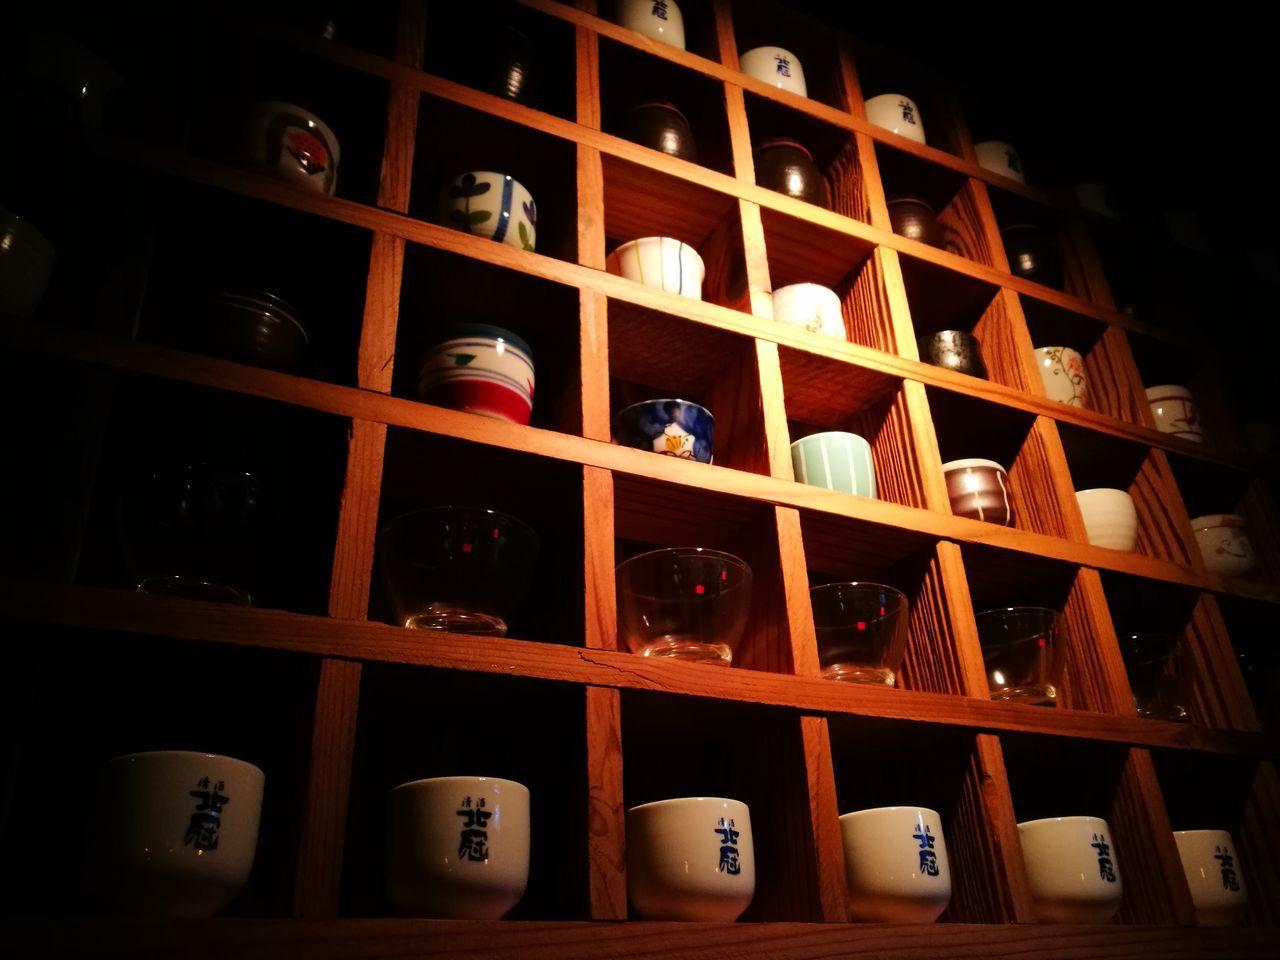 Sake Odeng Iteawon Seoul, Korea First Eyeem Photo